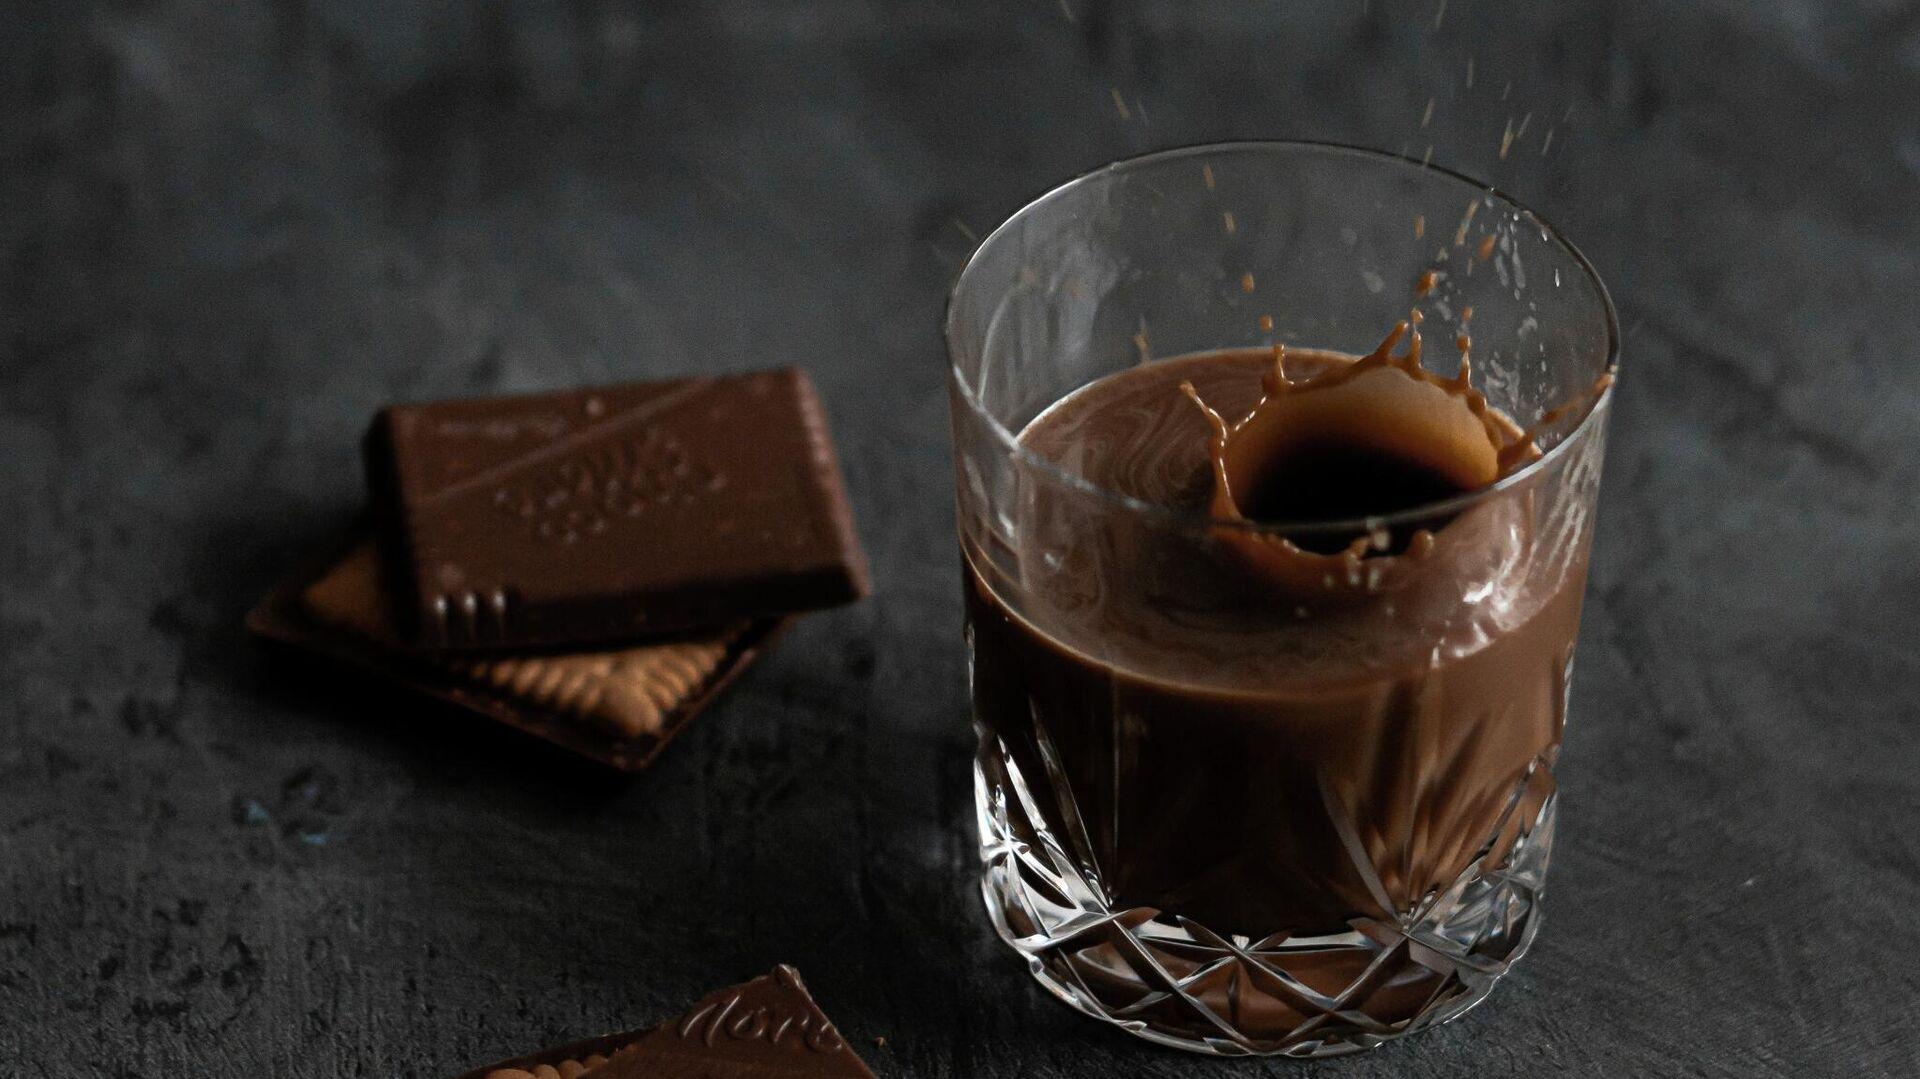 Imagen referencial de chocolate - Sputnik Mundo, 1920, 25.09.2021